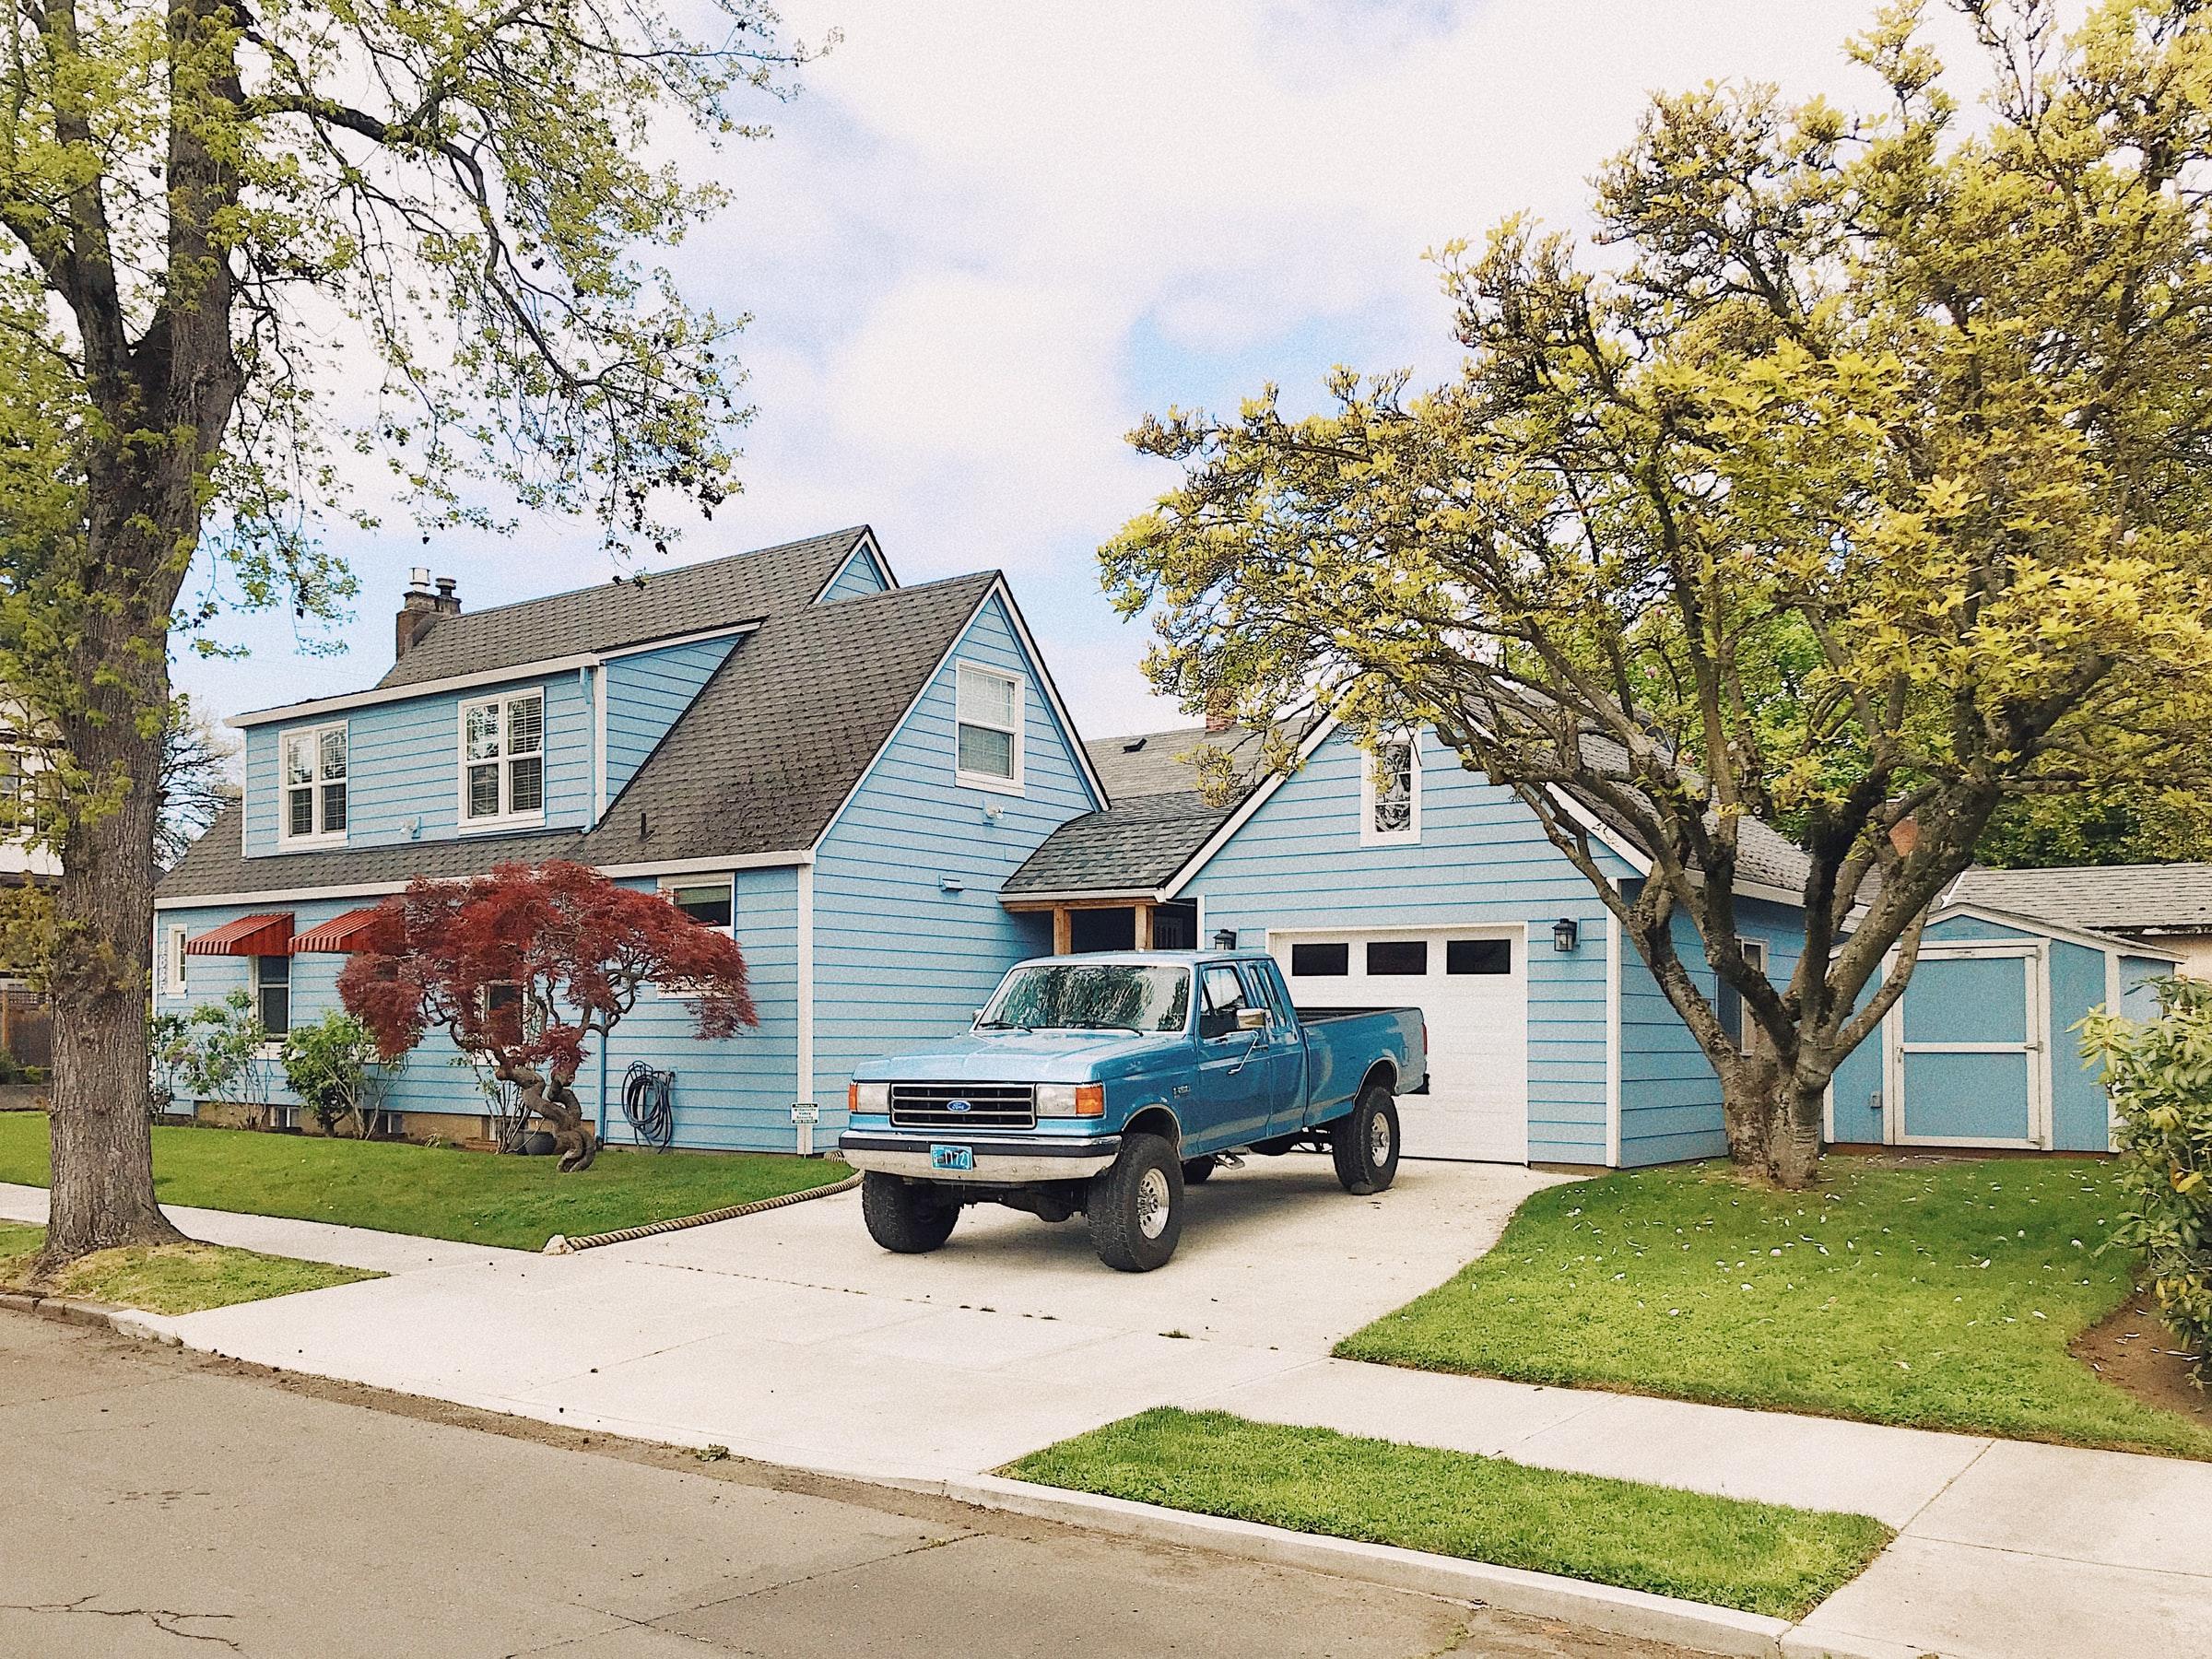 Een typisch Amerikaans huis met een Amerikaanse Pickup